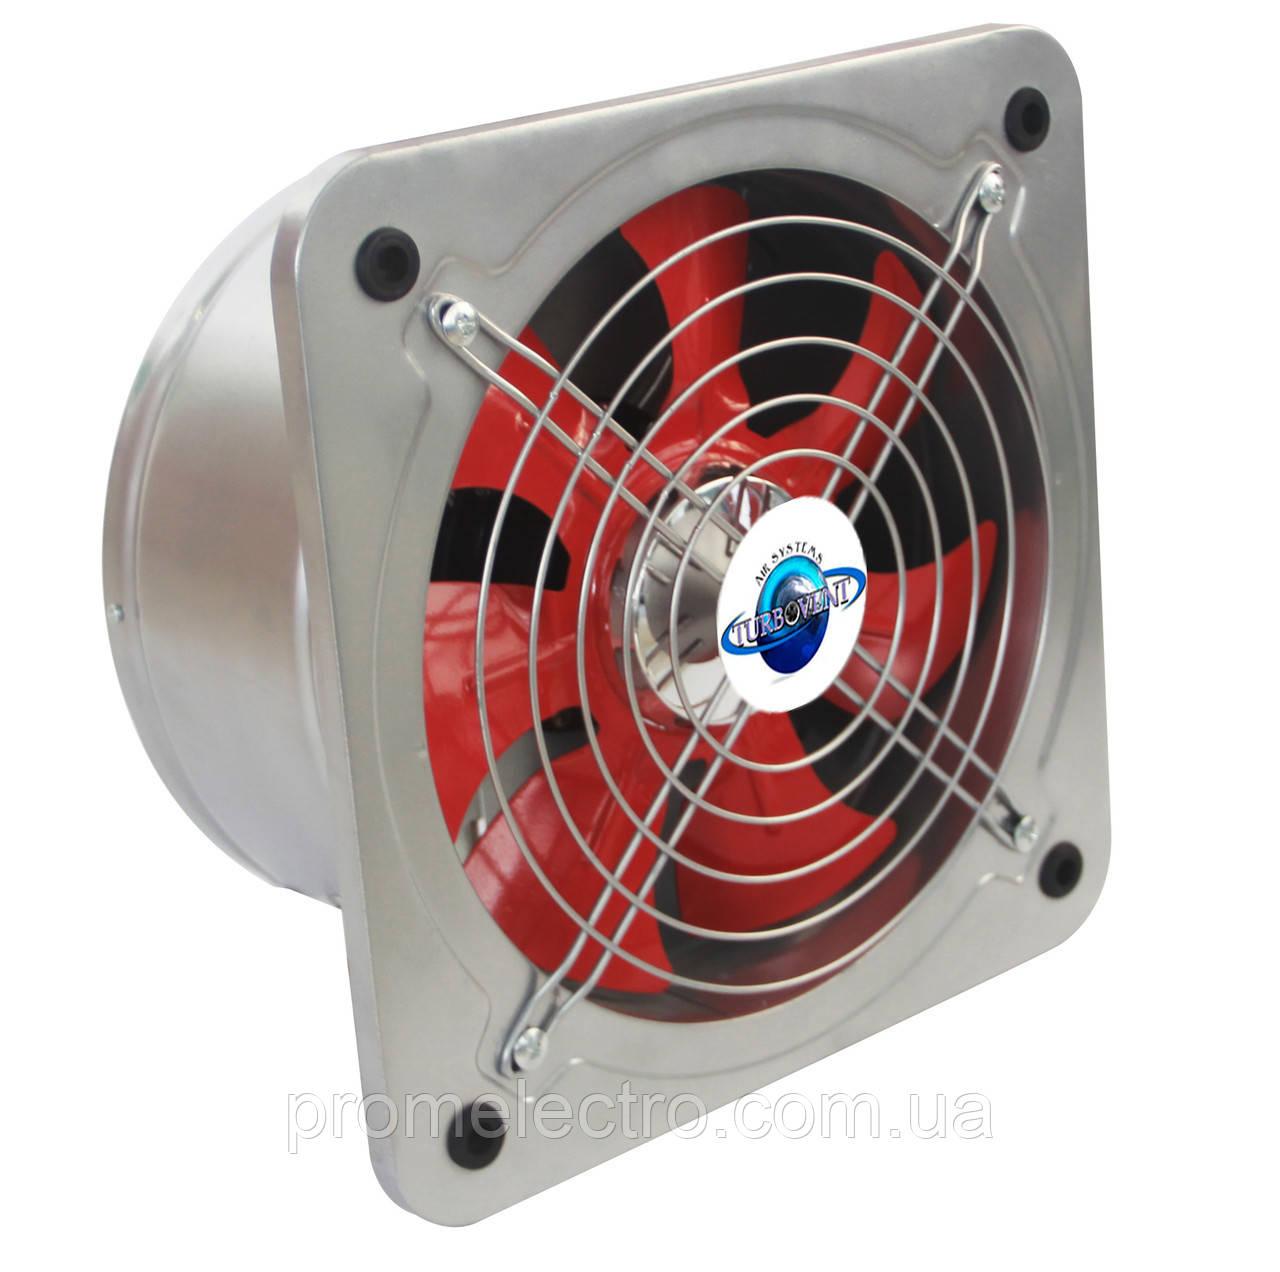 Настенные вентиляторы с обратным клапаном Турбовент НОК 300